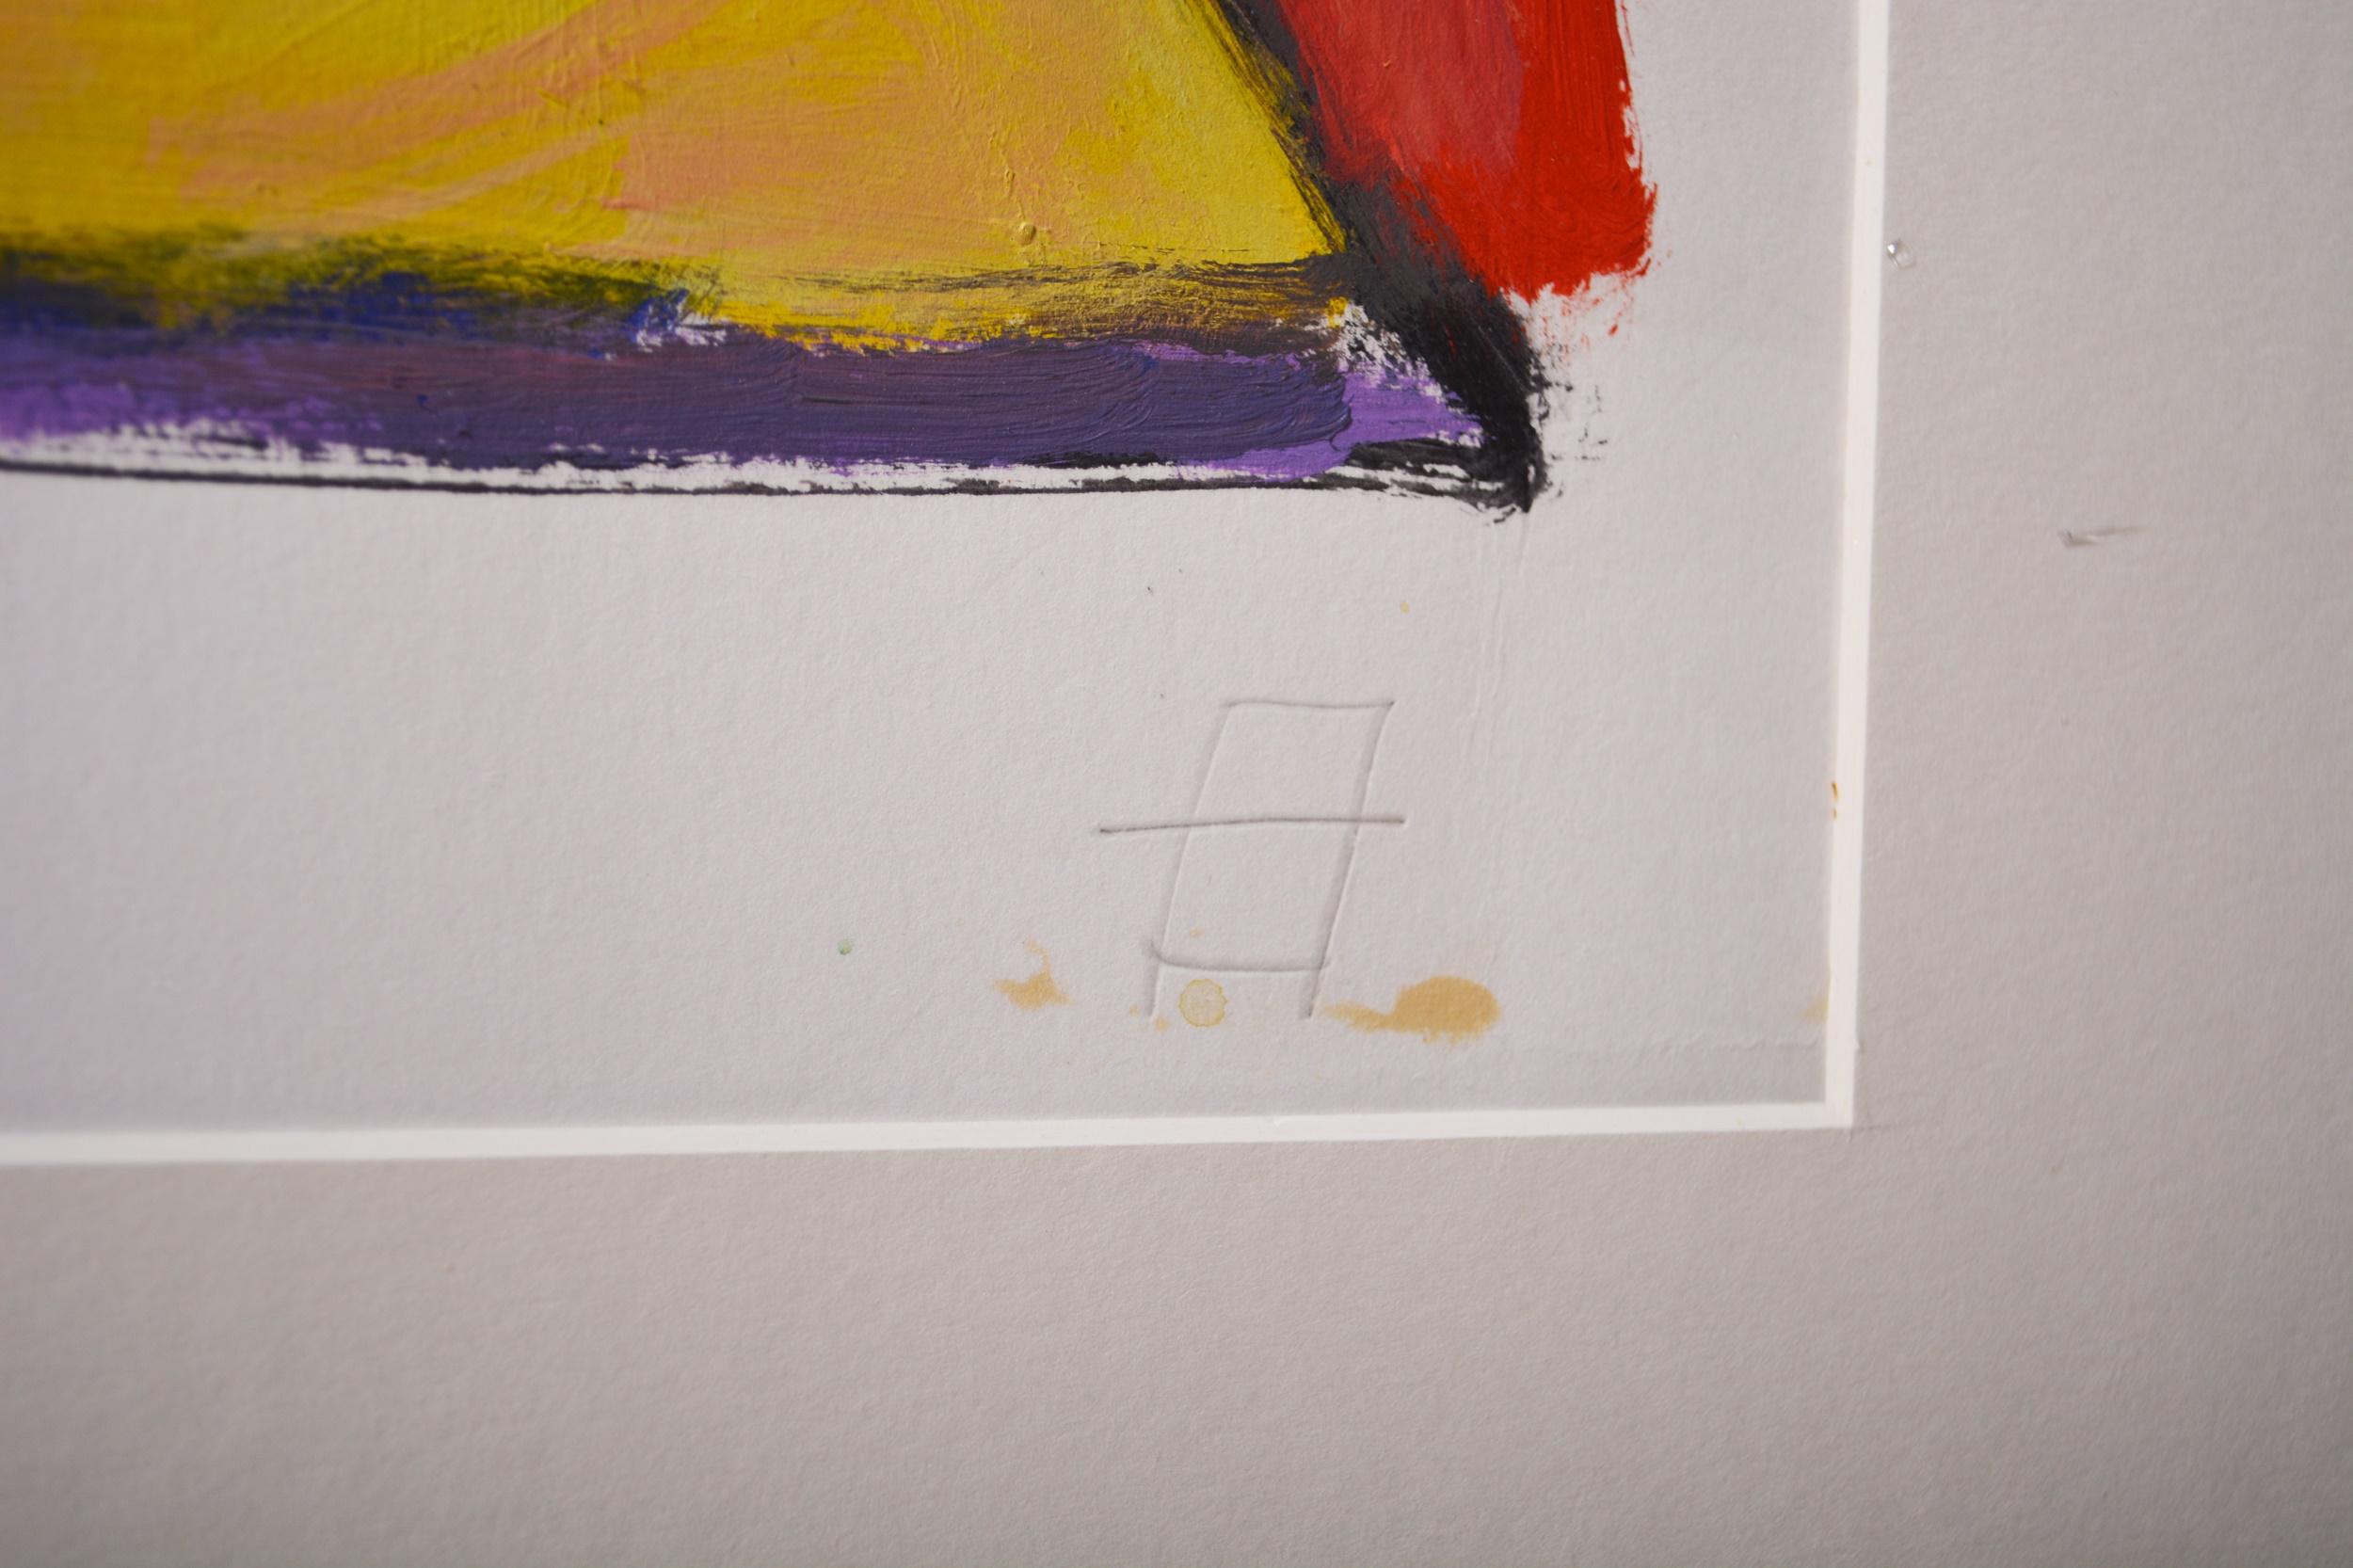 Philip Vencken - Still Life III - Image 5 of 5